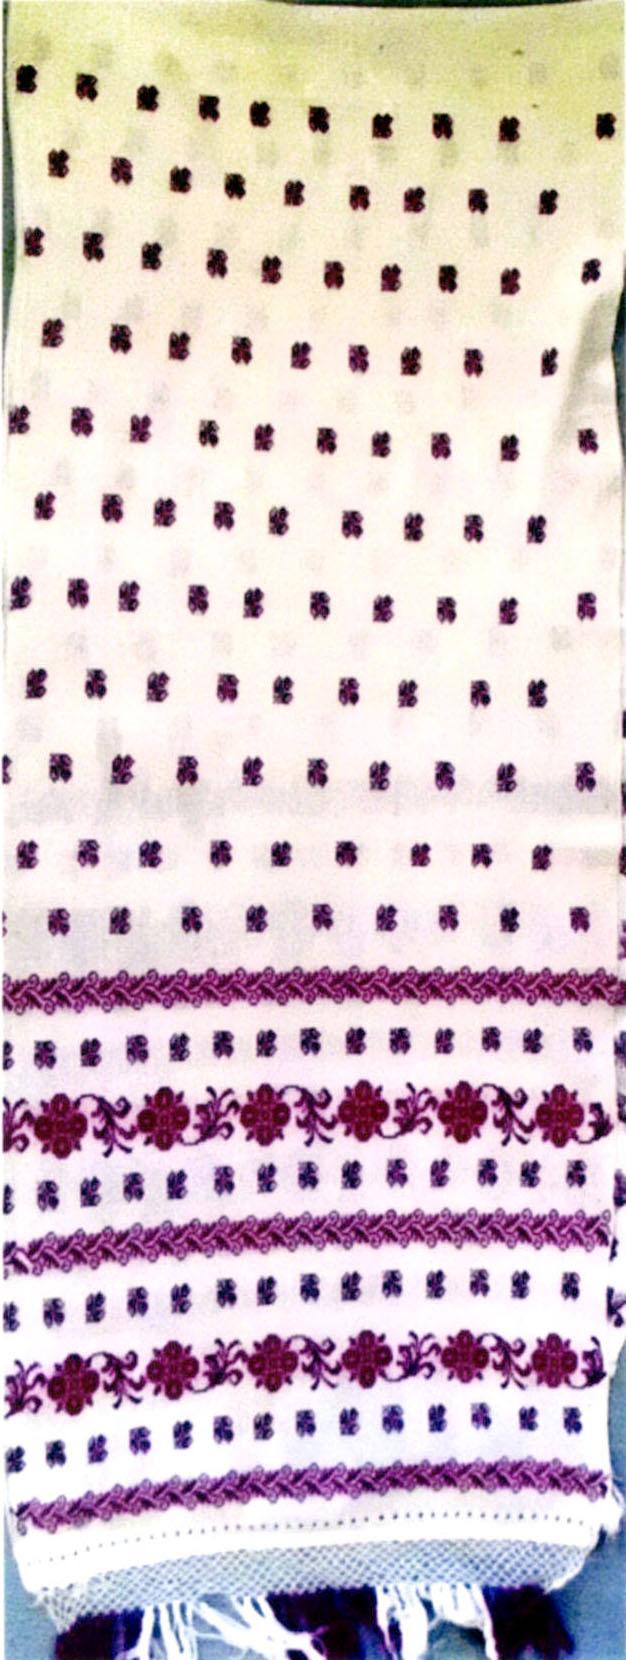 Ştergar; Prosop ţesut - Muzeul Viticulturii şi Pomiculturii - GOLEŞTI (Patrimoniul Cultural National Mobil din Romania. Ordin de clasare: 2879/04.09.2019 - Fond)